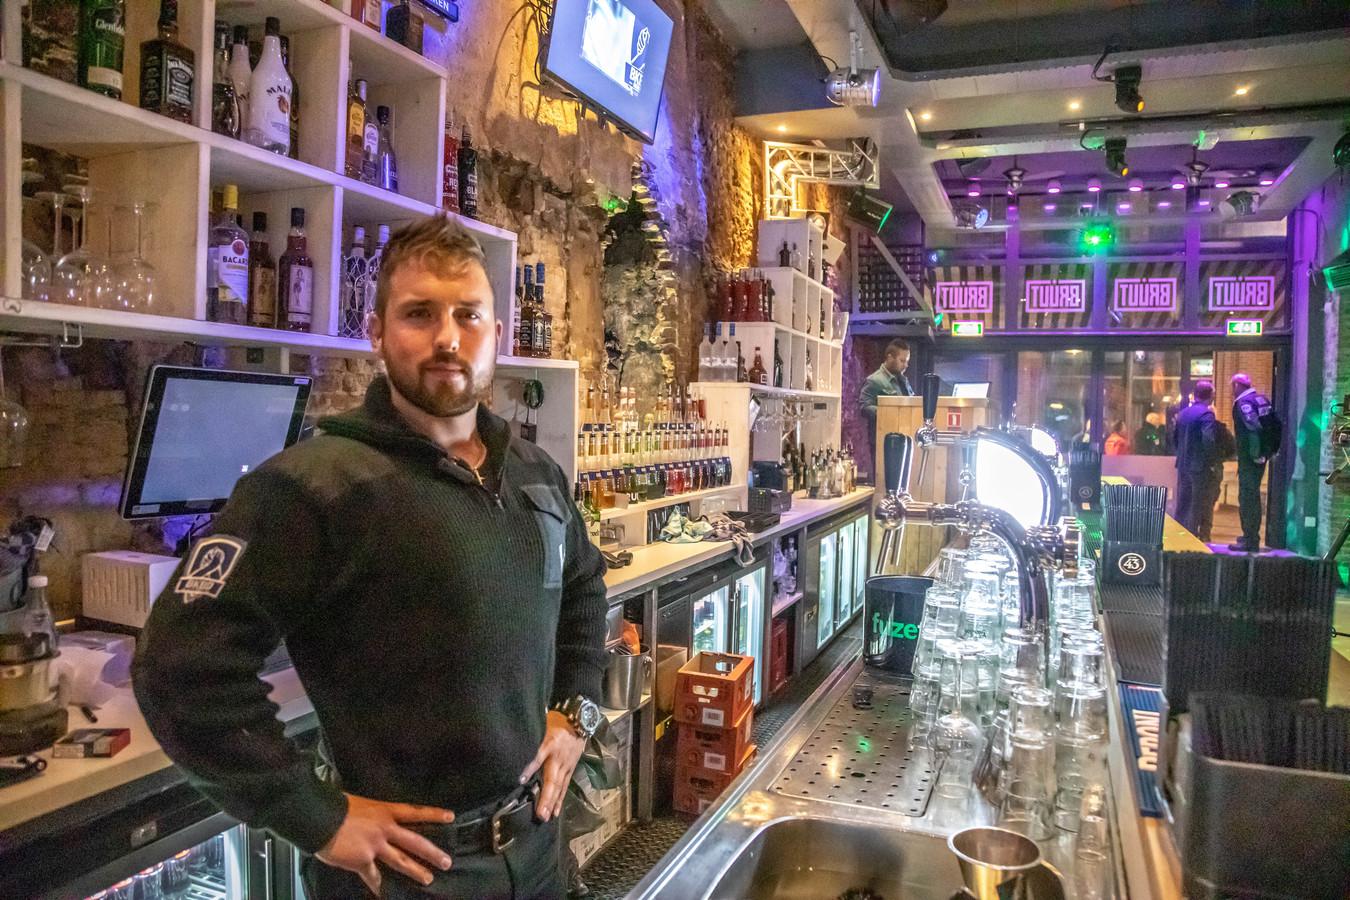 Bruut- eigenaar Bob Kooistra staat voor een nieuw hoofdstuk met zijn café, nu hij veroordeeld is wegens het schenden van zijn geheimhoudingsplicht in een Bibob-dossier over zijn café. Hij brengt daarmee ook de legitimiteit van zijn beveiligingsbedrijf BKBD BV in gevaar.